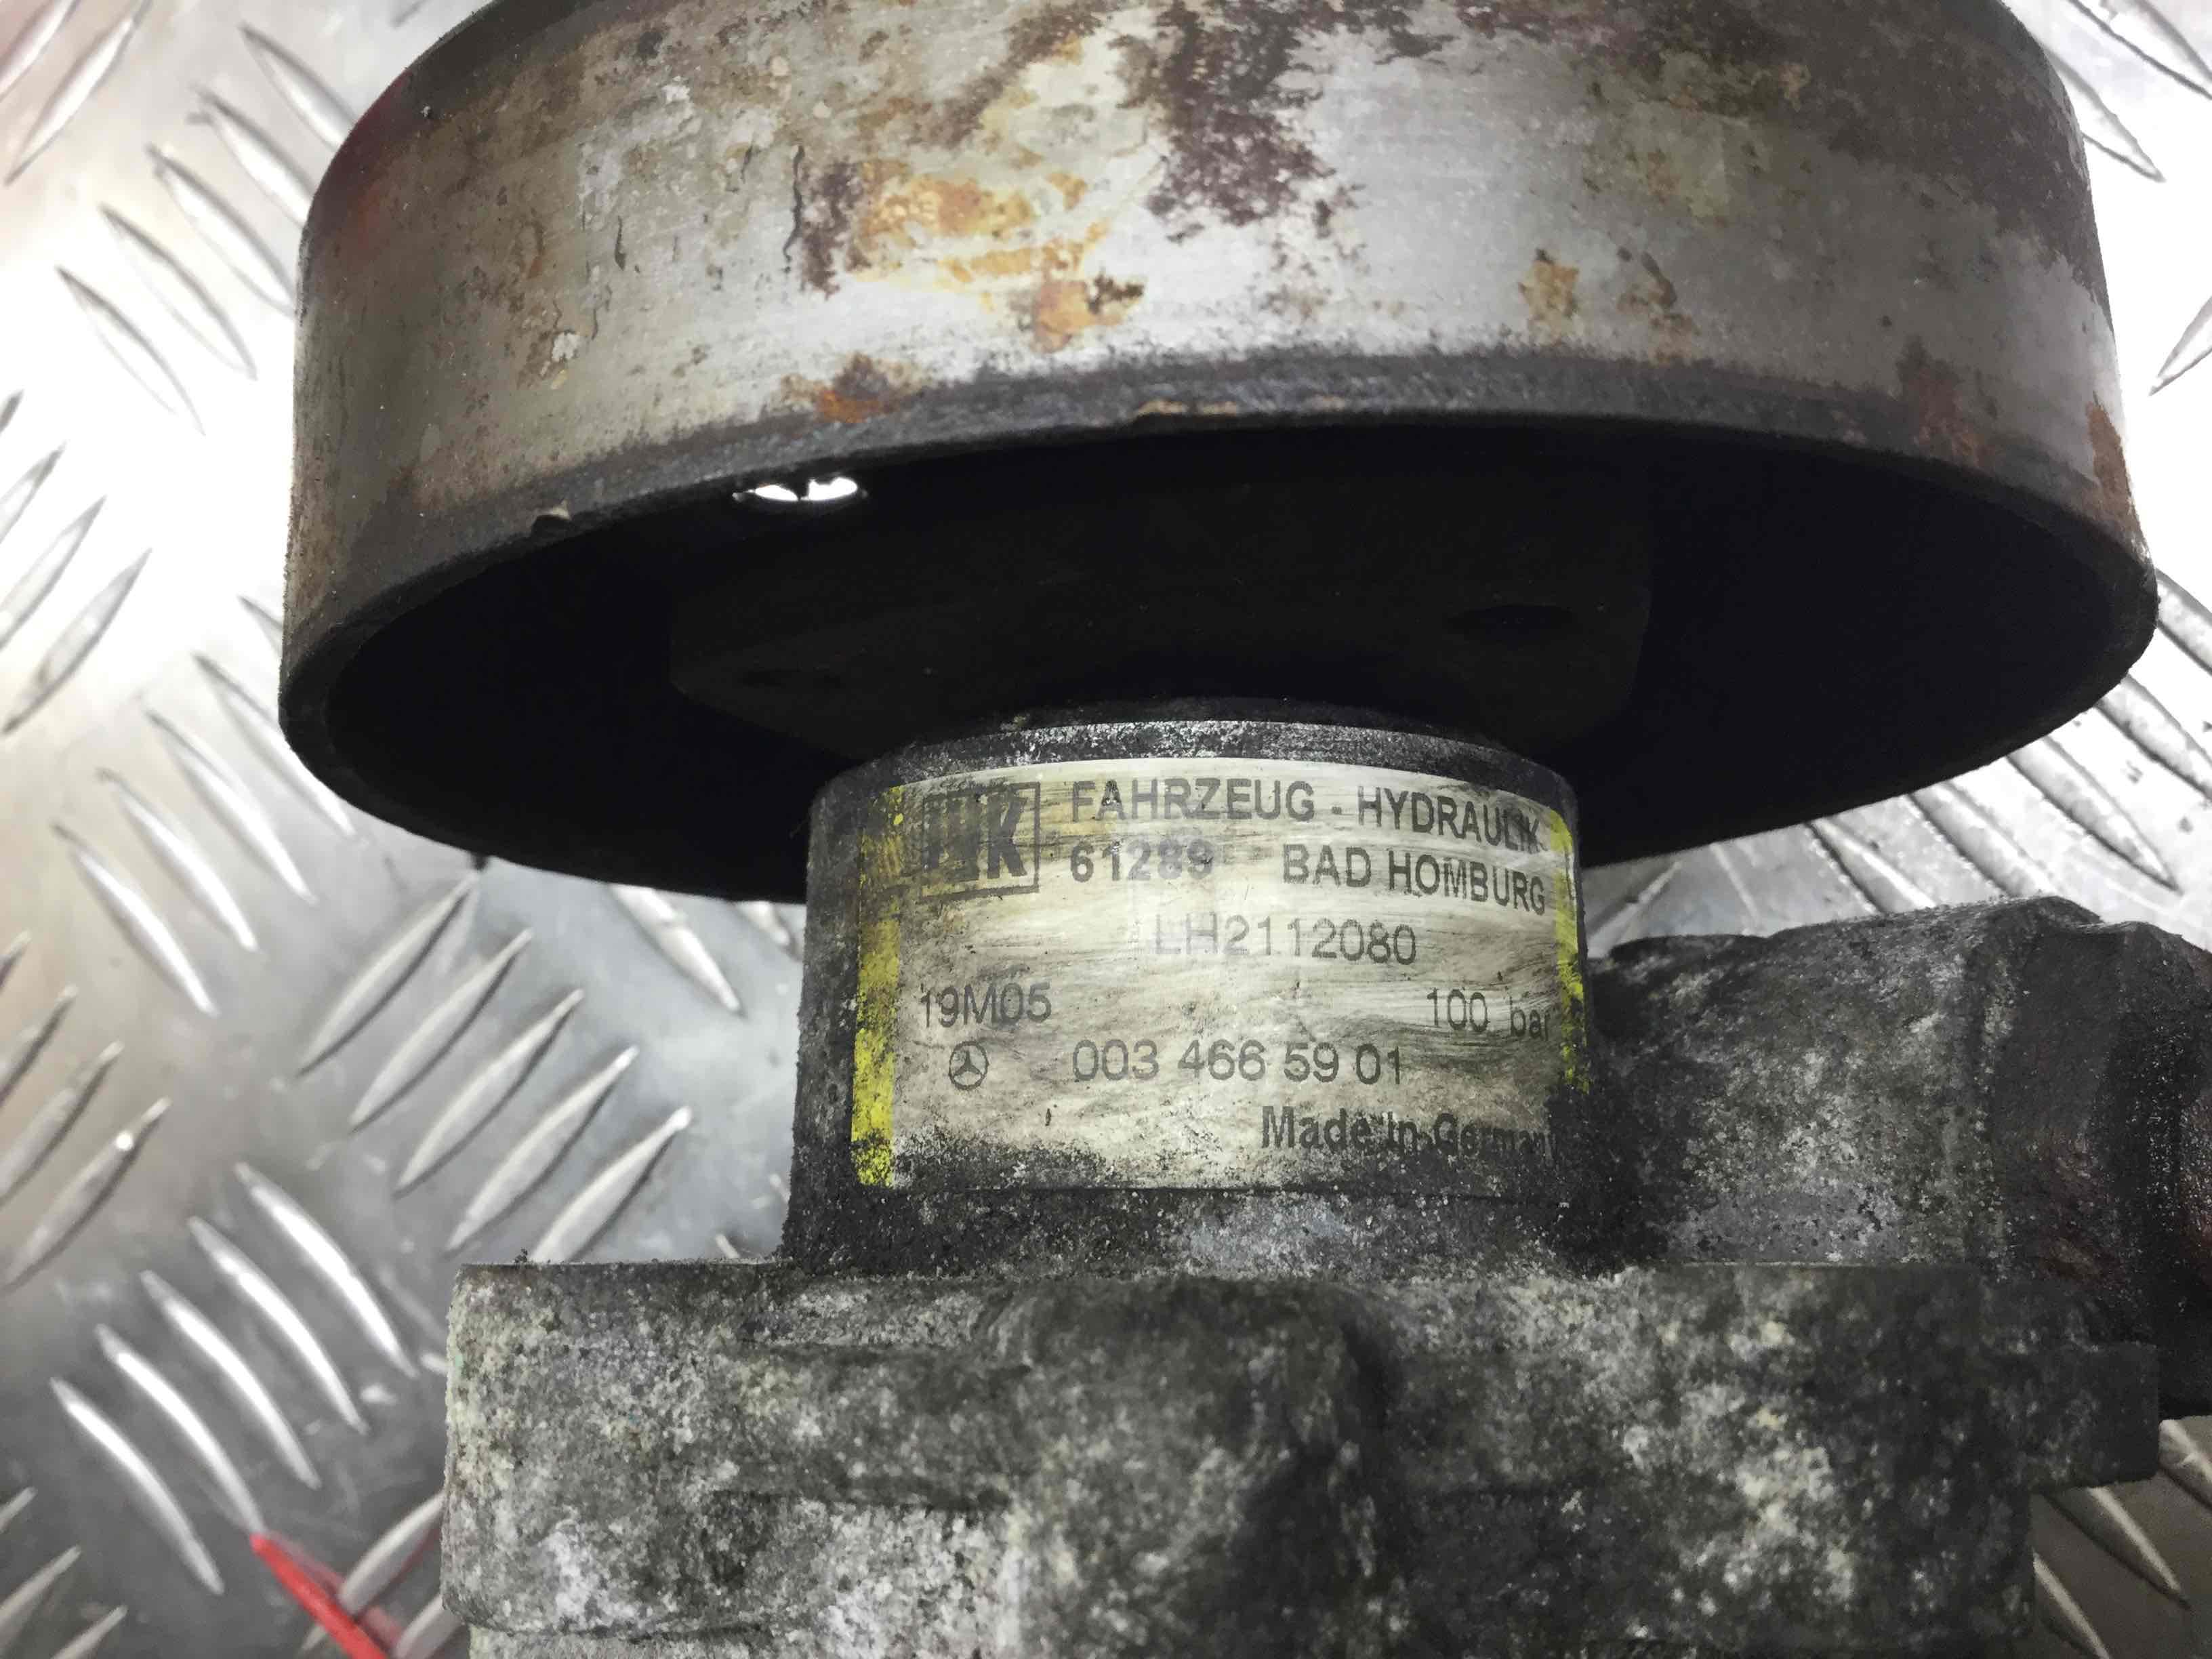 Фото 'Chrysler PTCruiser Насос гидроусилителя руля 0034665901 '